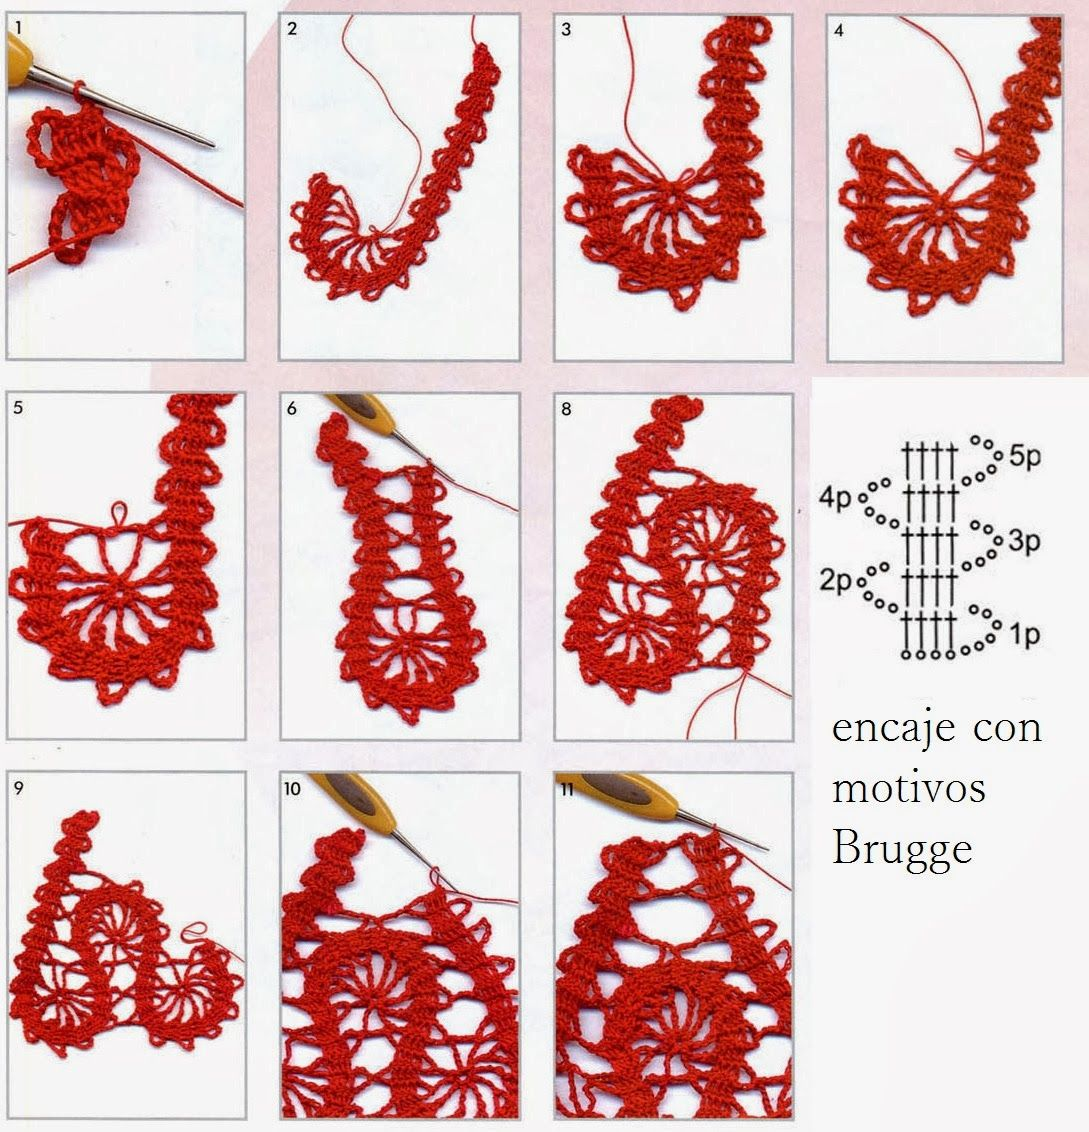 Patrones Crochet: Punto Crochet Encaje con Motivos Brugge | Sólo ...